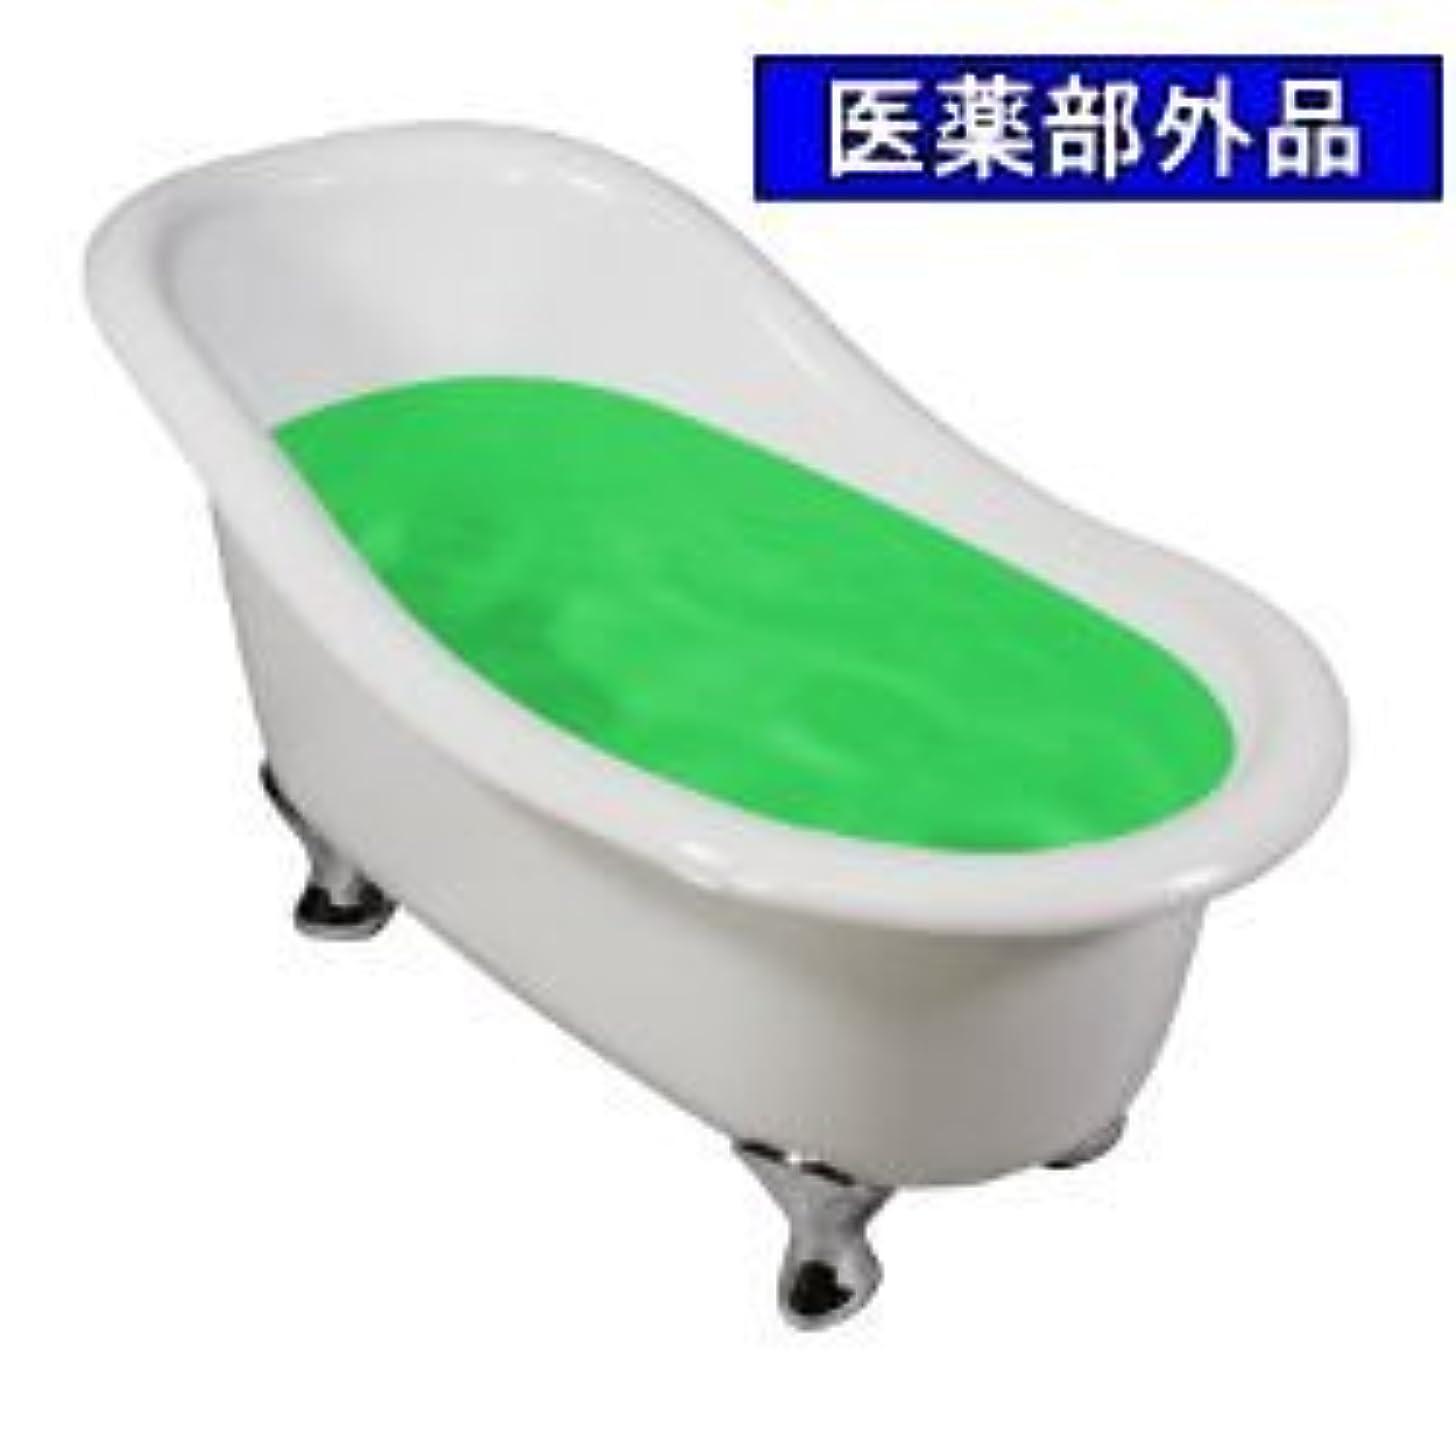 ジョットディボンドン定期的に達成可能業務用薬用入浴剤バスフレンド 薬草 17kg 医薬部外品